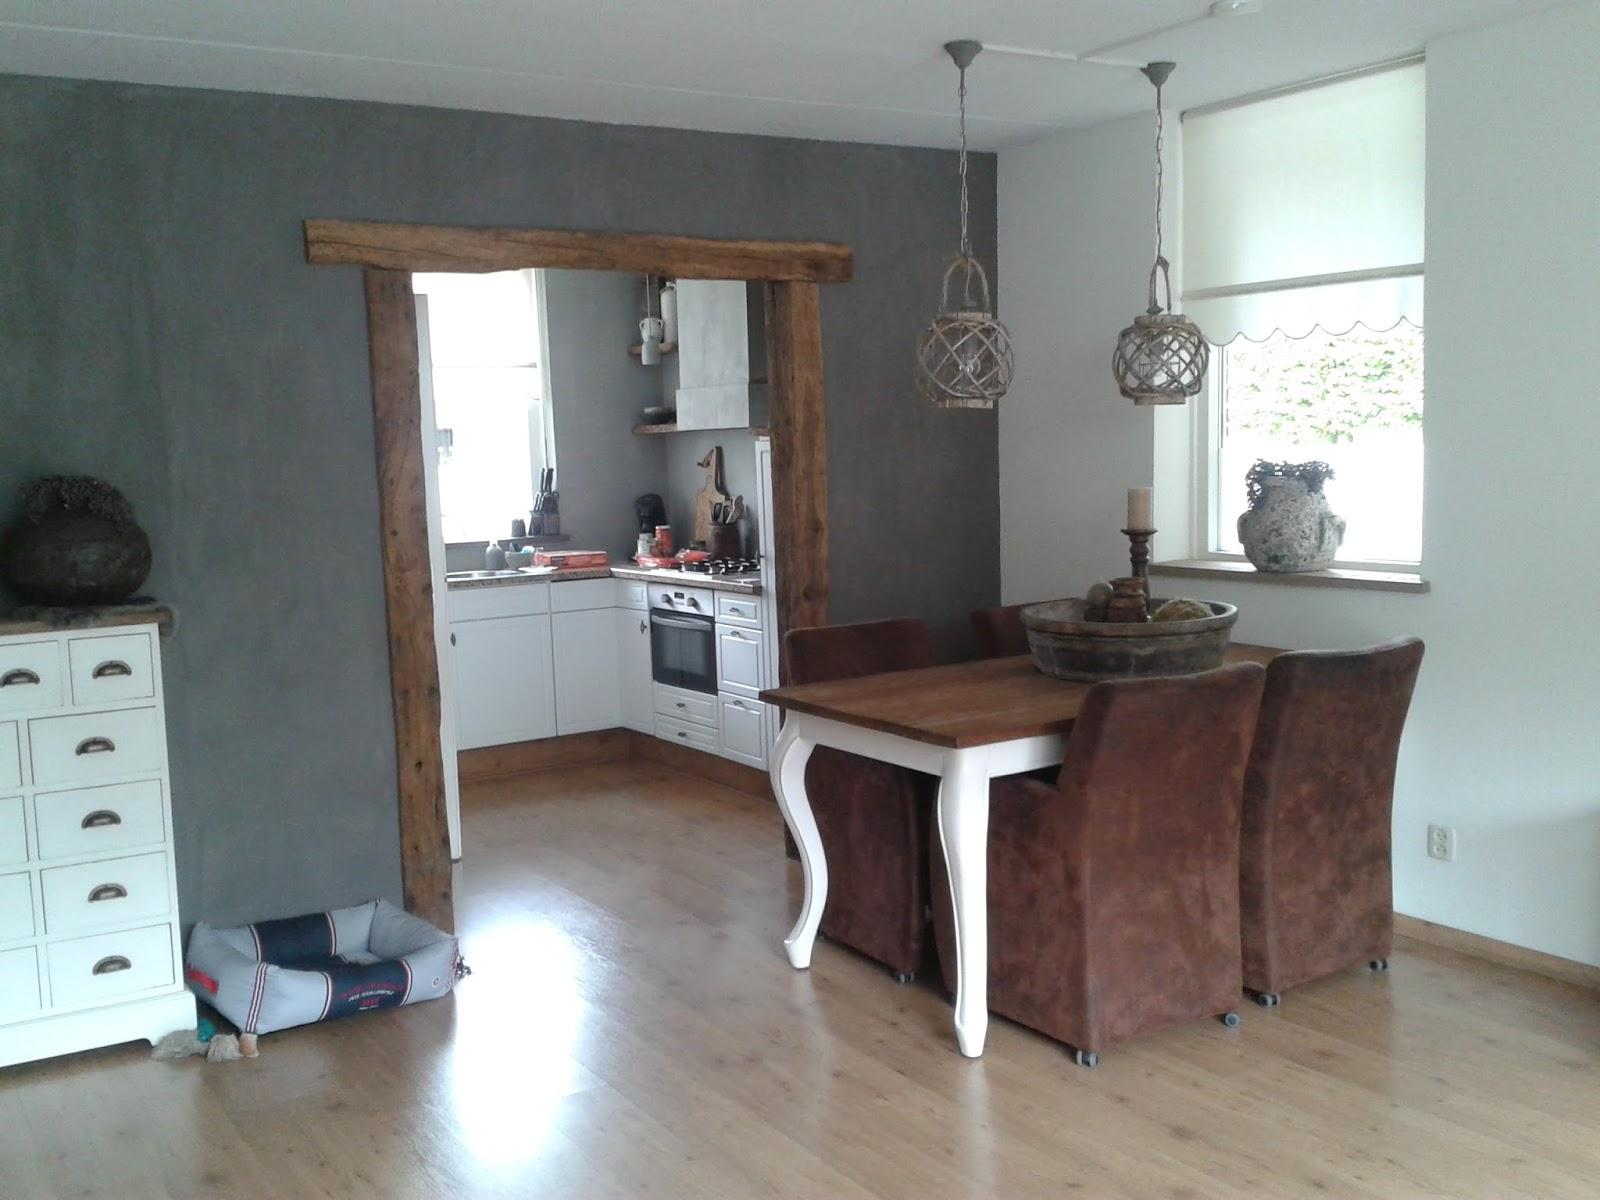 Wonen in je eigen stijl sober en stoer wonen - Lounge en keuken in dezelfde kamer ...